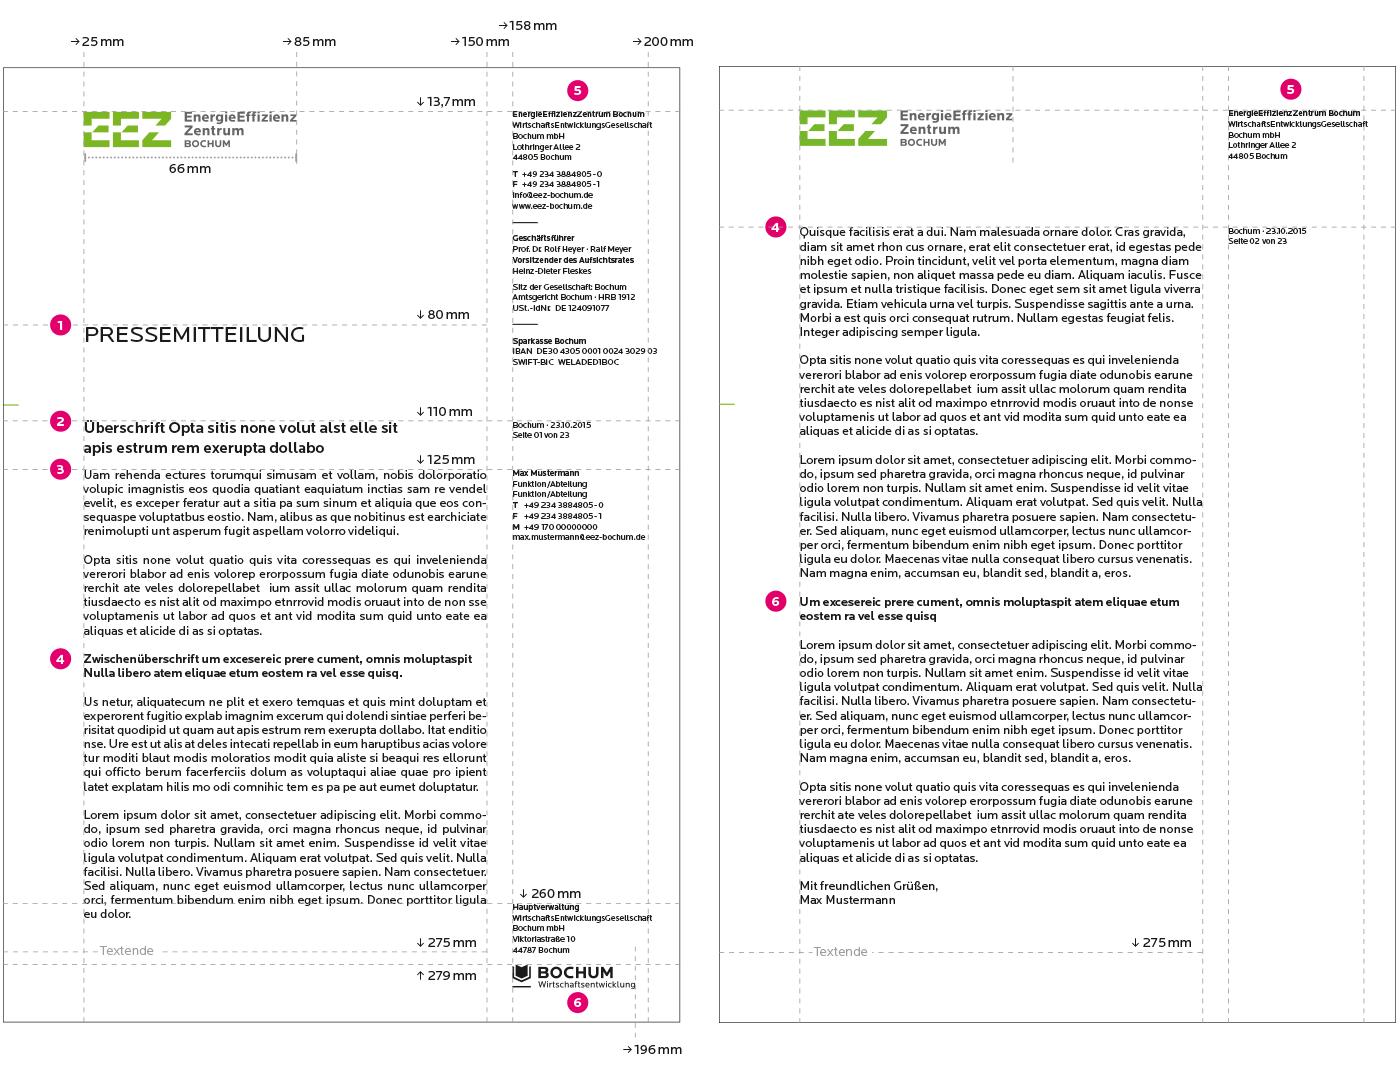 EnergieEffizienzZentrum Geschäftsausstattung Pressemitteilung